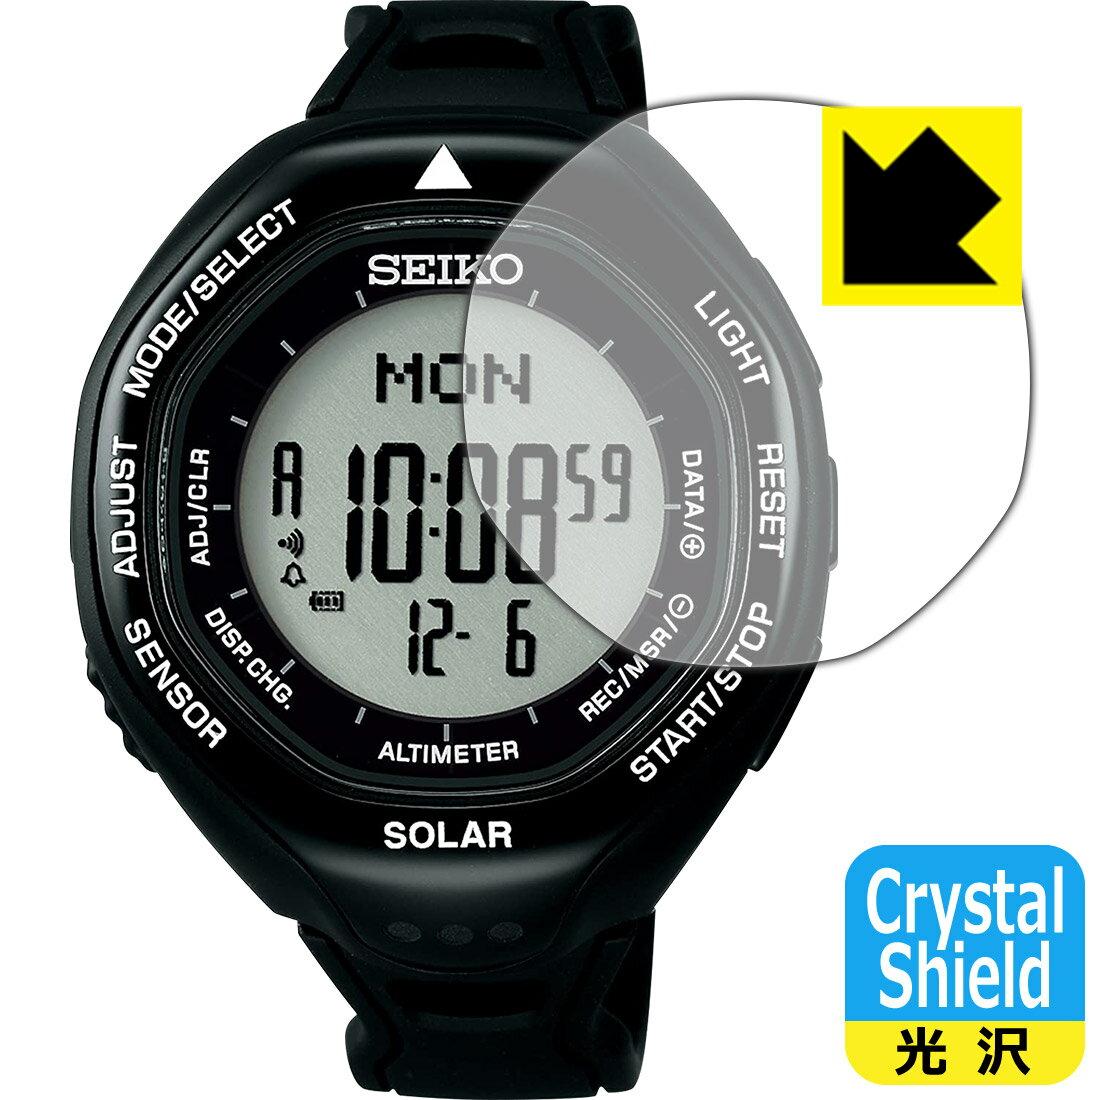 腕時計用アクセサリー, その他 Crystal Shield SEIKO PROSPEX Alpinist SBEB001SBEB003 RCPsmtb-kd